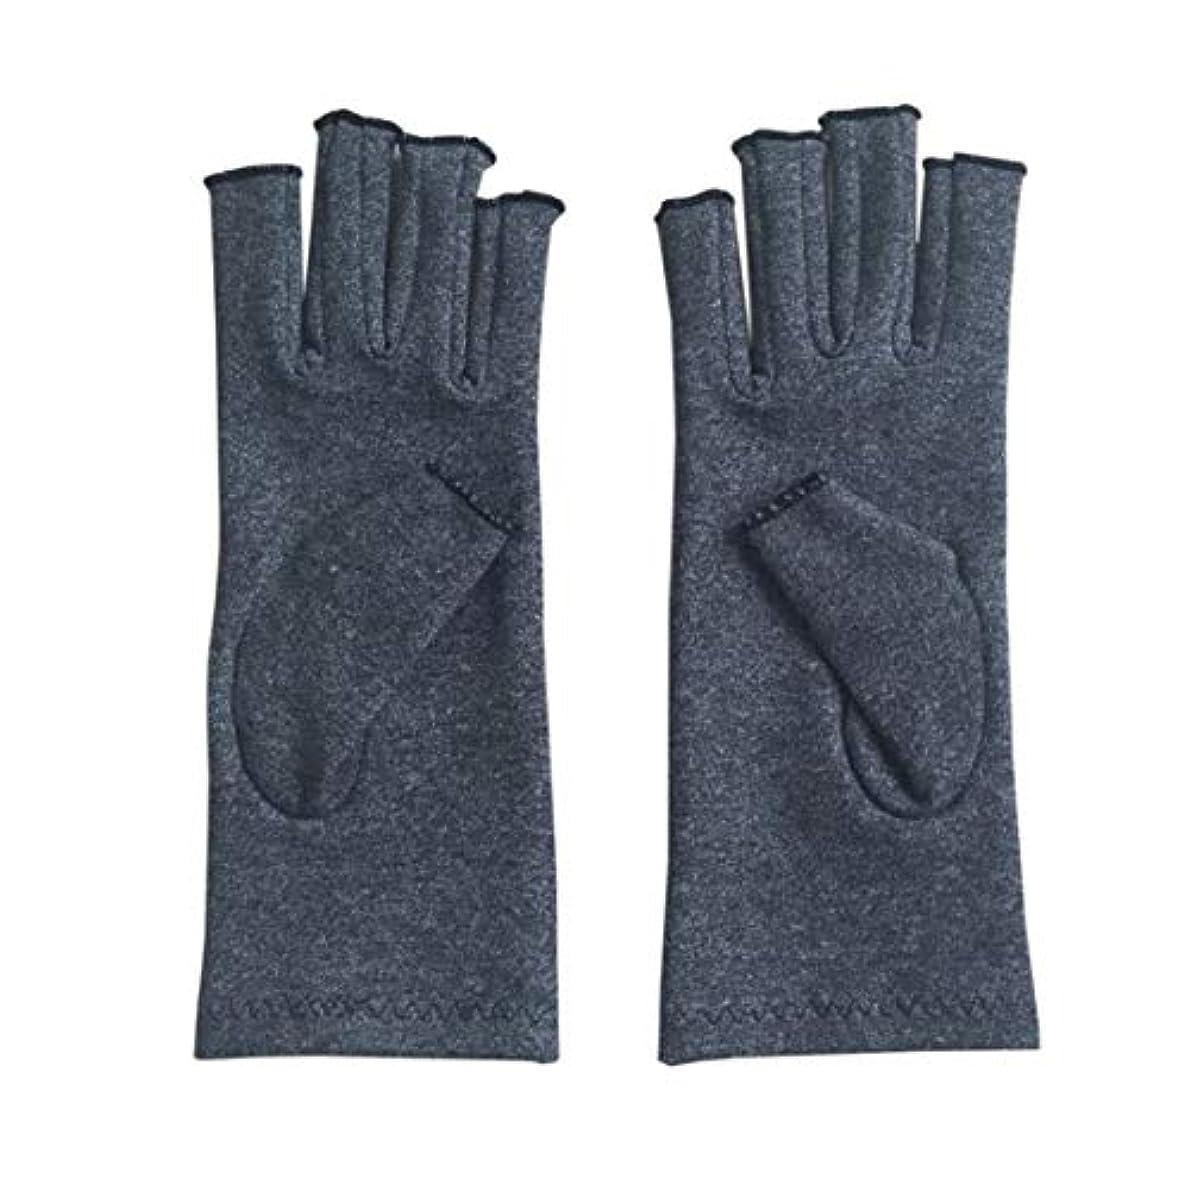 差霜動かないペア/セット快適な男性女性療法圧縮手袋無地通気性関節炎関節痛緩和手袋 - グレーM